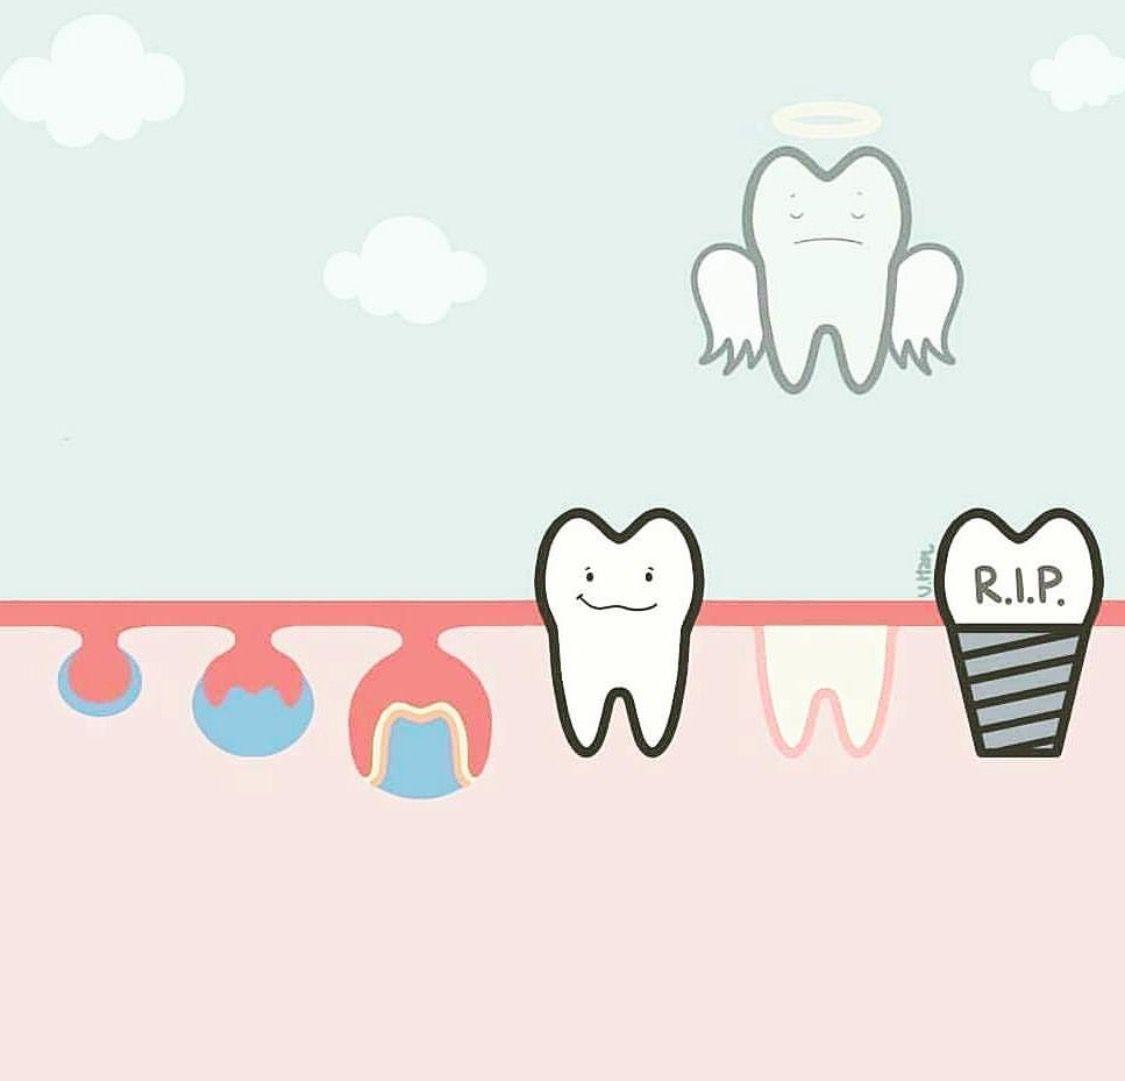 сидя картинки в понедельник стоматологу общий объем реализации